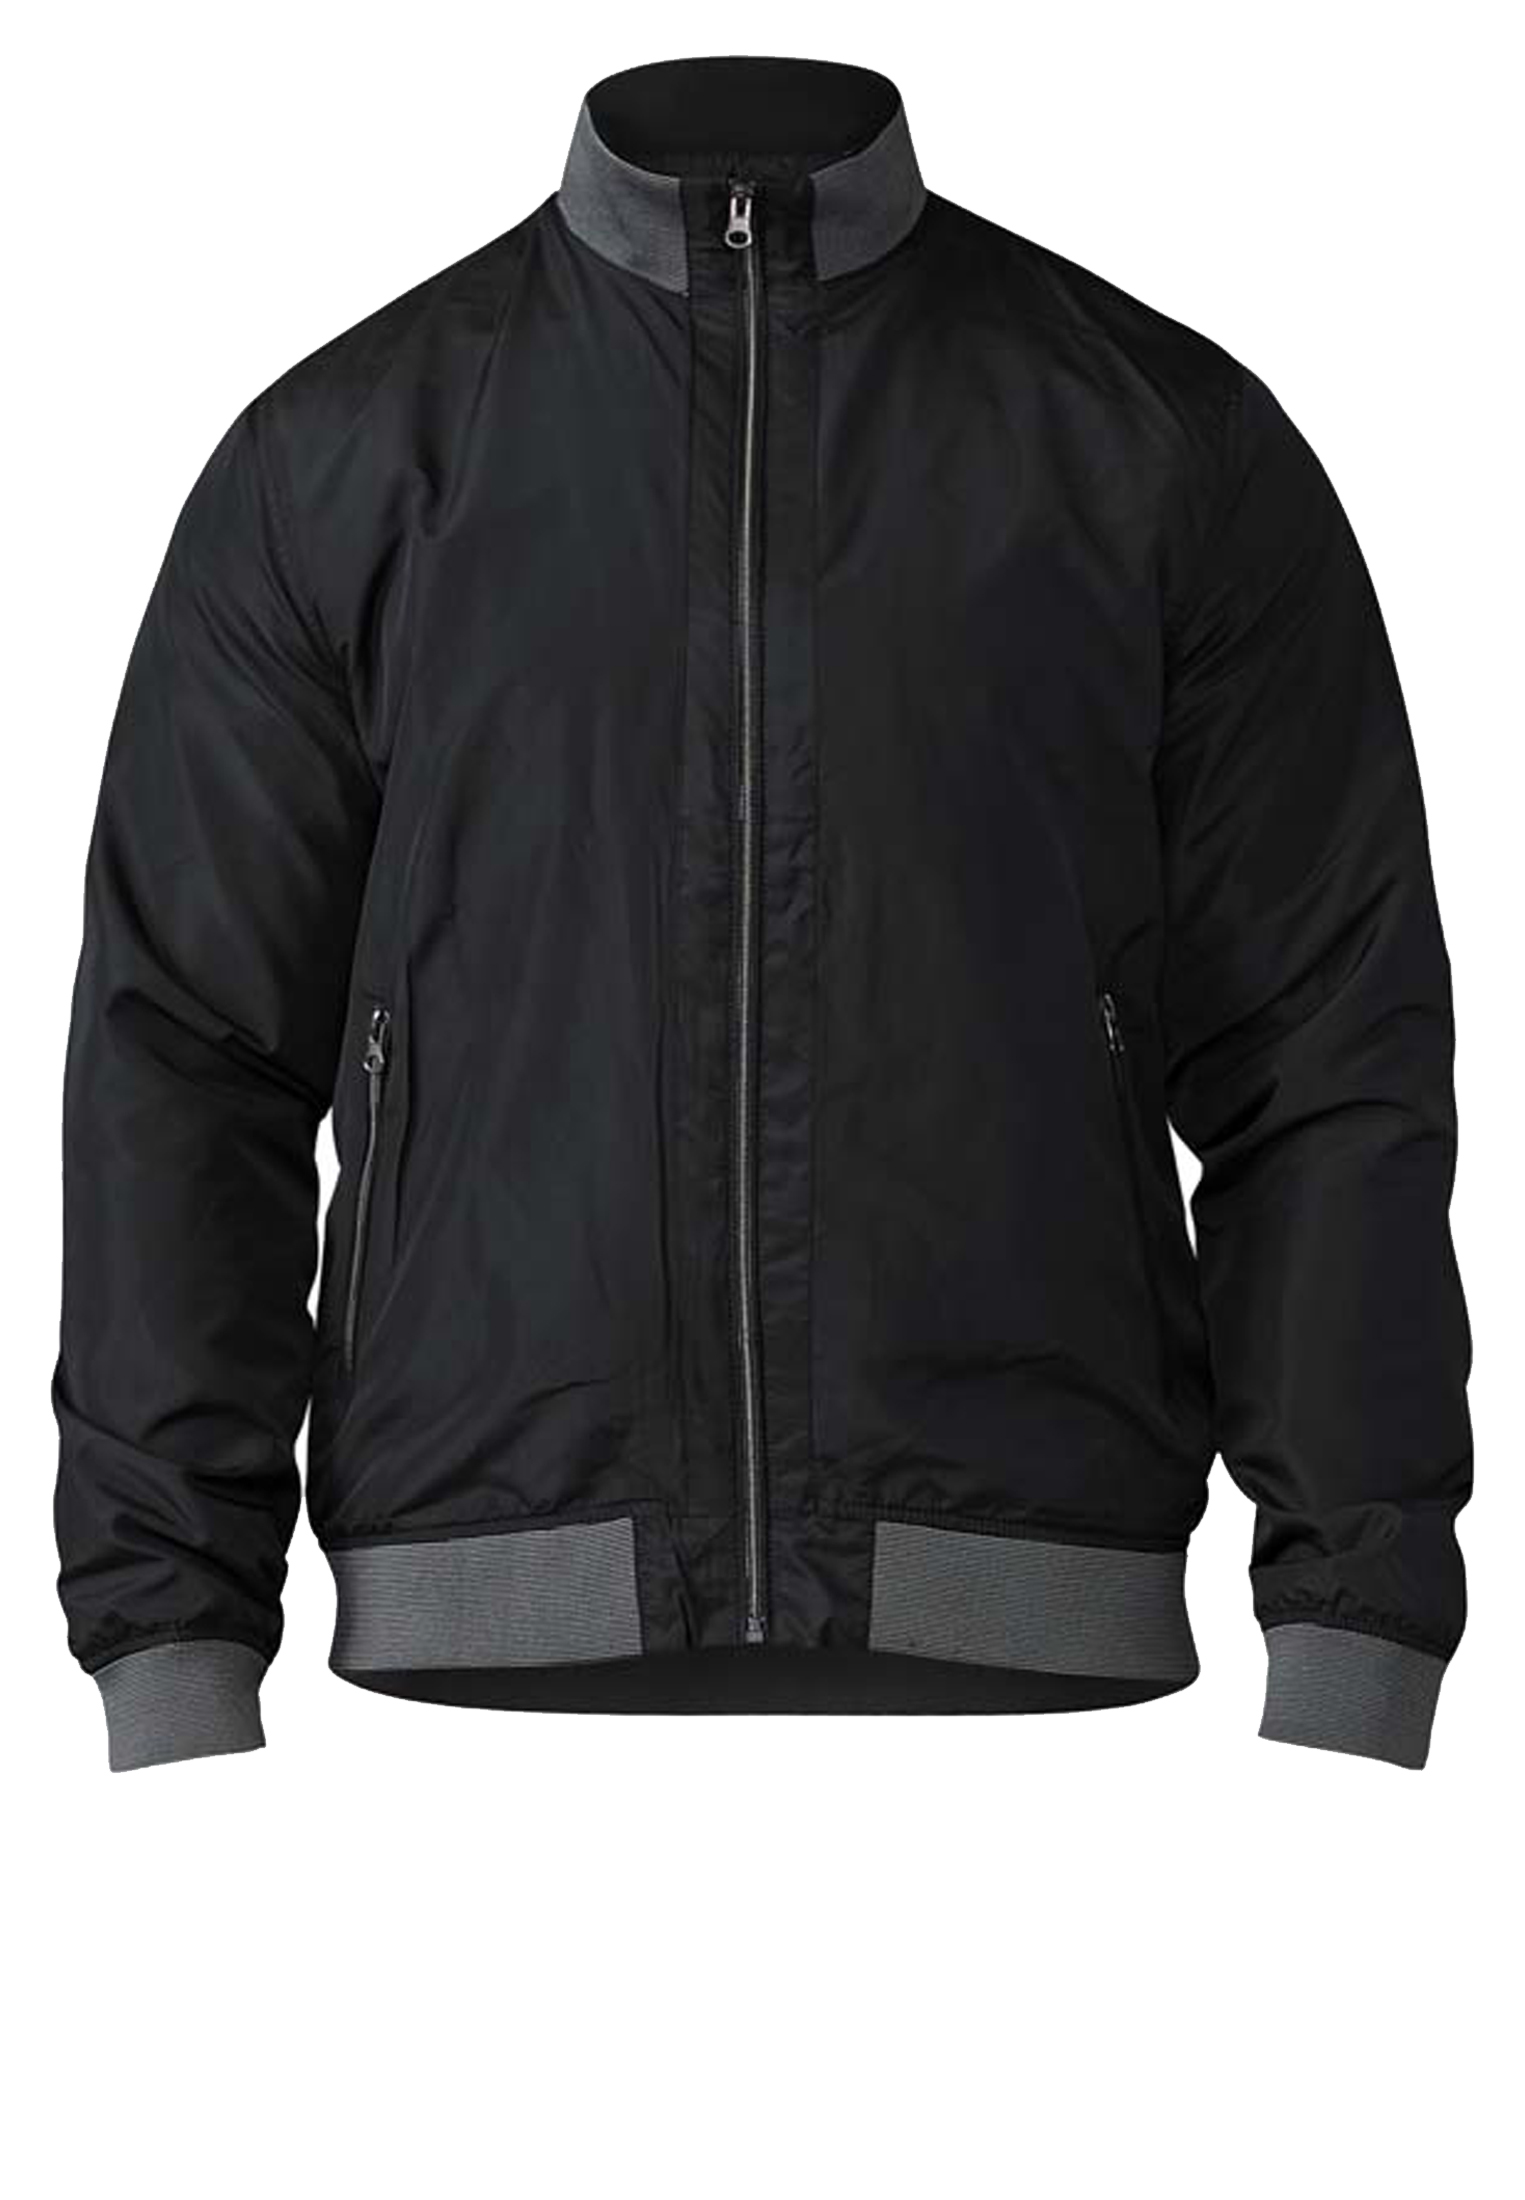 Mooie zomerjas van D555. Deze zwarte jas met eveneens zwarte voering heeft twee met rits afsluitbare zakken en een open binnenzak. De jas heeft een zwarte-grijs elastische boord aan de kraag, zoom en mouwboorden.